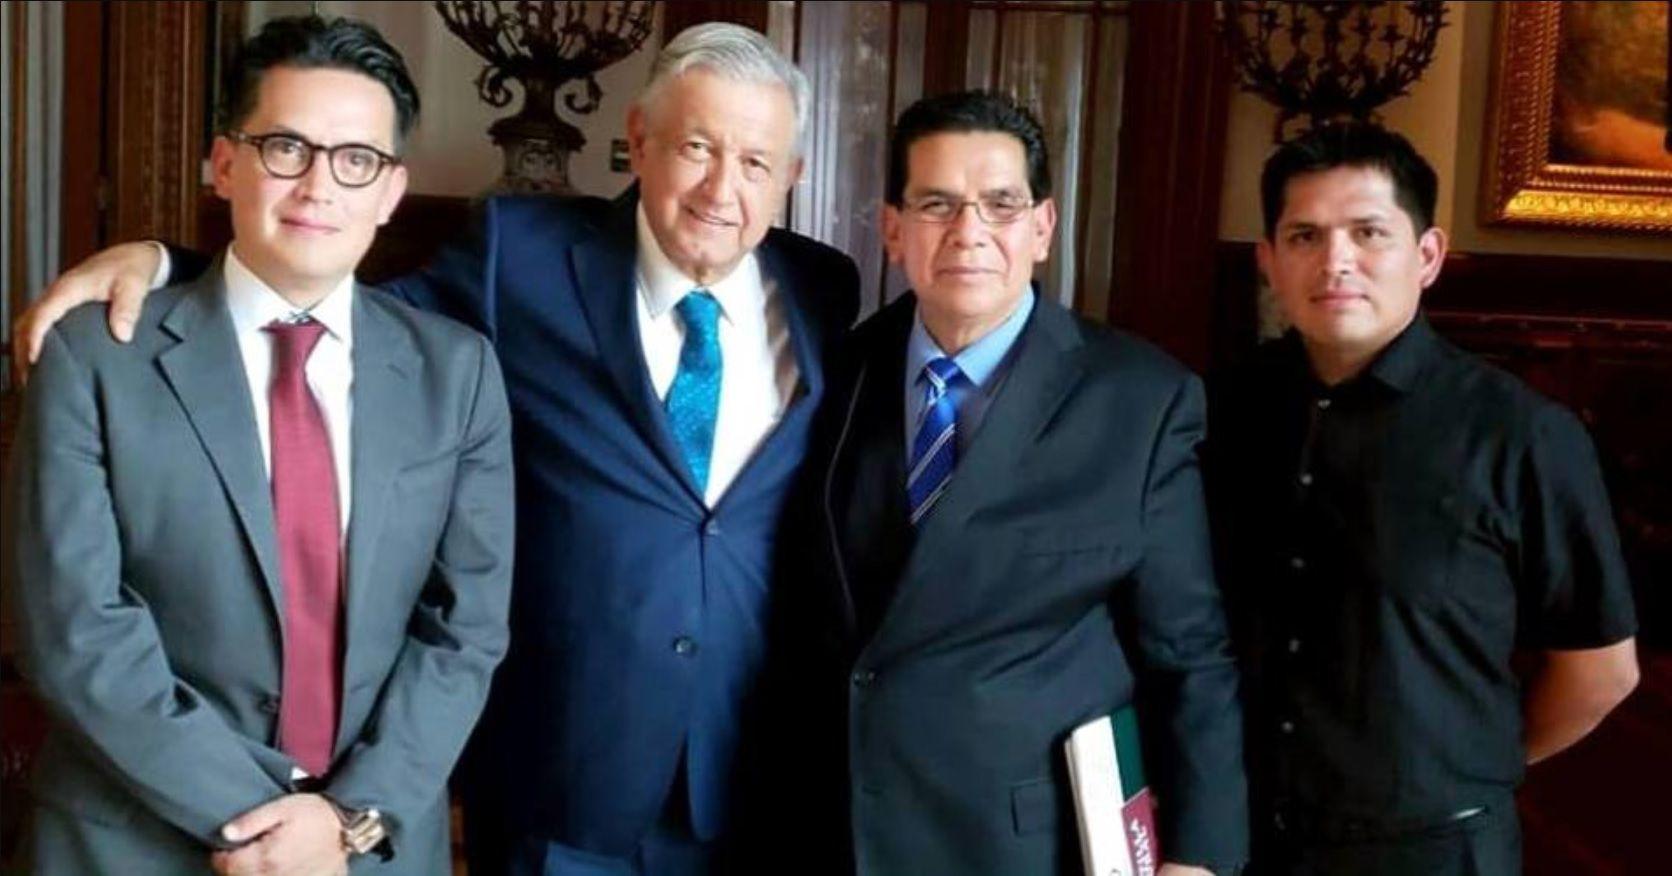 """Hace unos días, el programa """"Servidores de la Nación"""" se vio envuelto en la polémica al tener religiosos en su conformación. (Foto: Facebook Arturo Farelas)"""